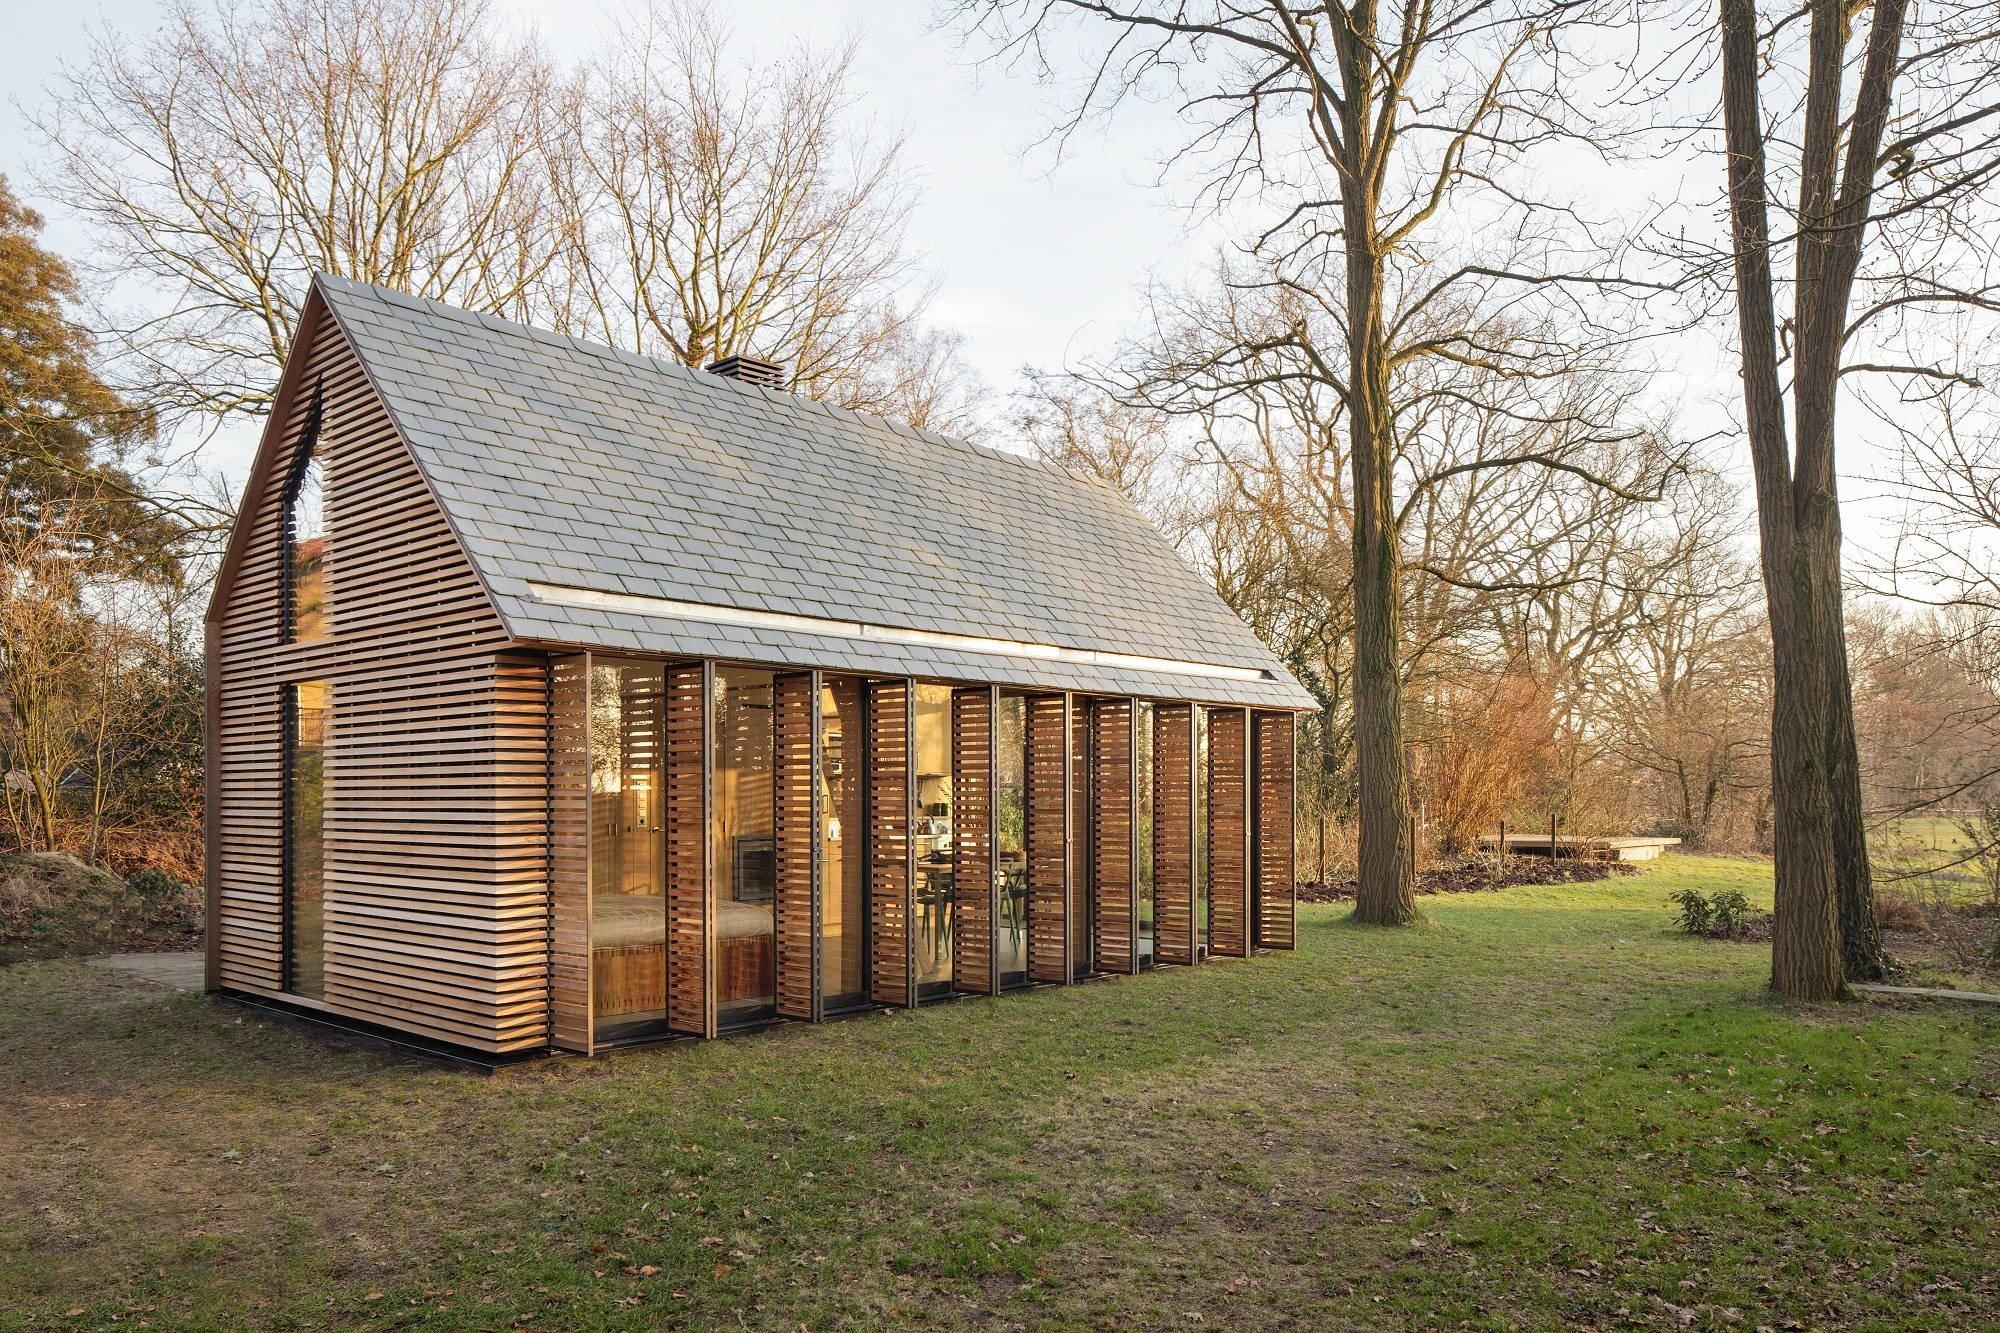 Ferienhaus bei Utrecht | Geneigtes Dach | Wohnen | Baunetz_Wissen